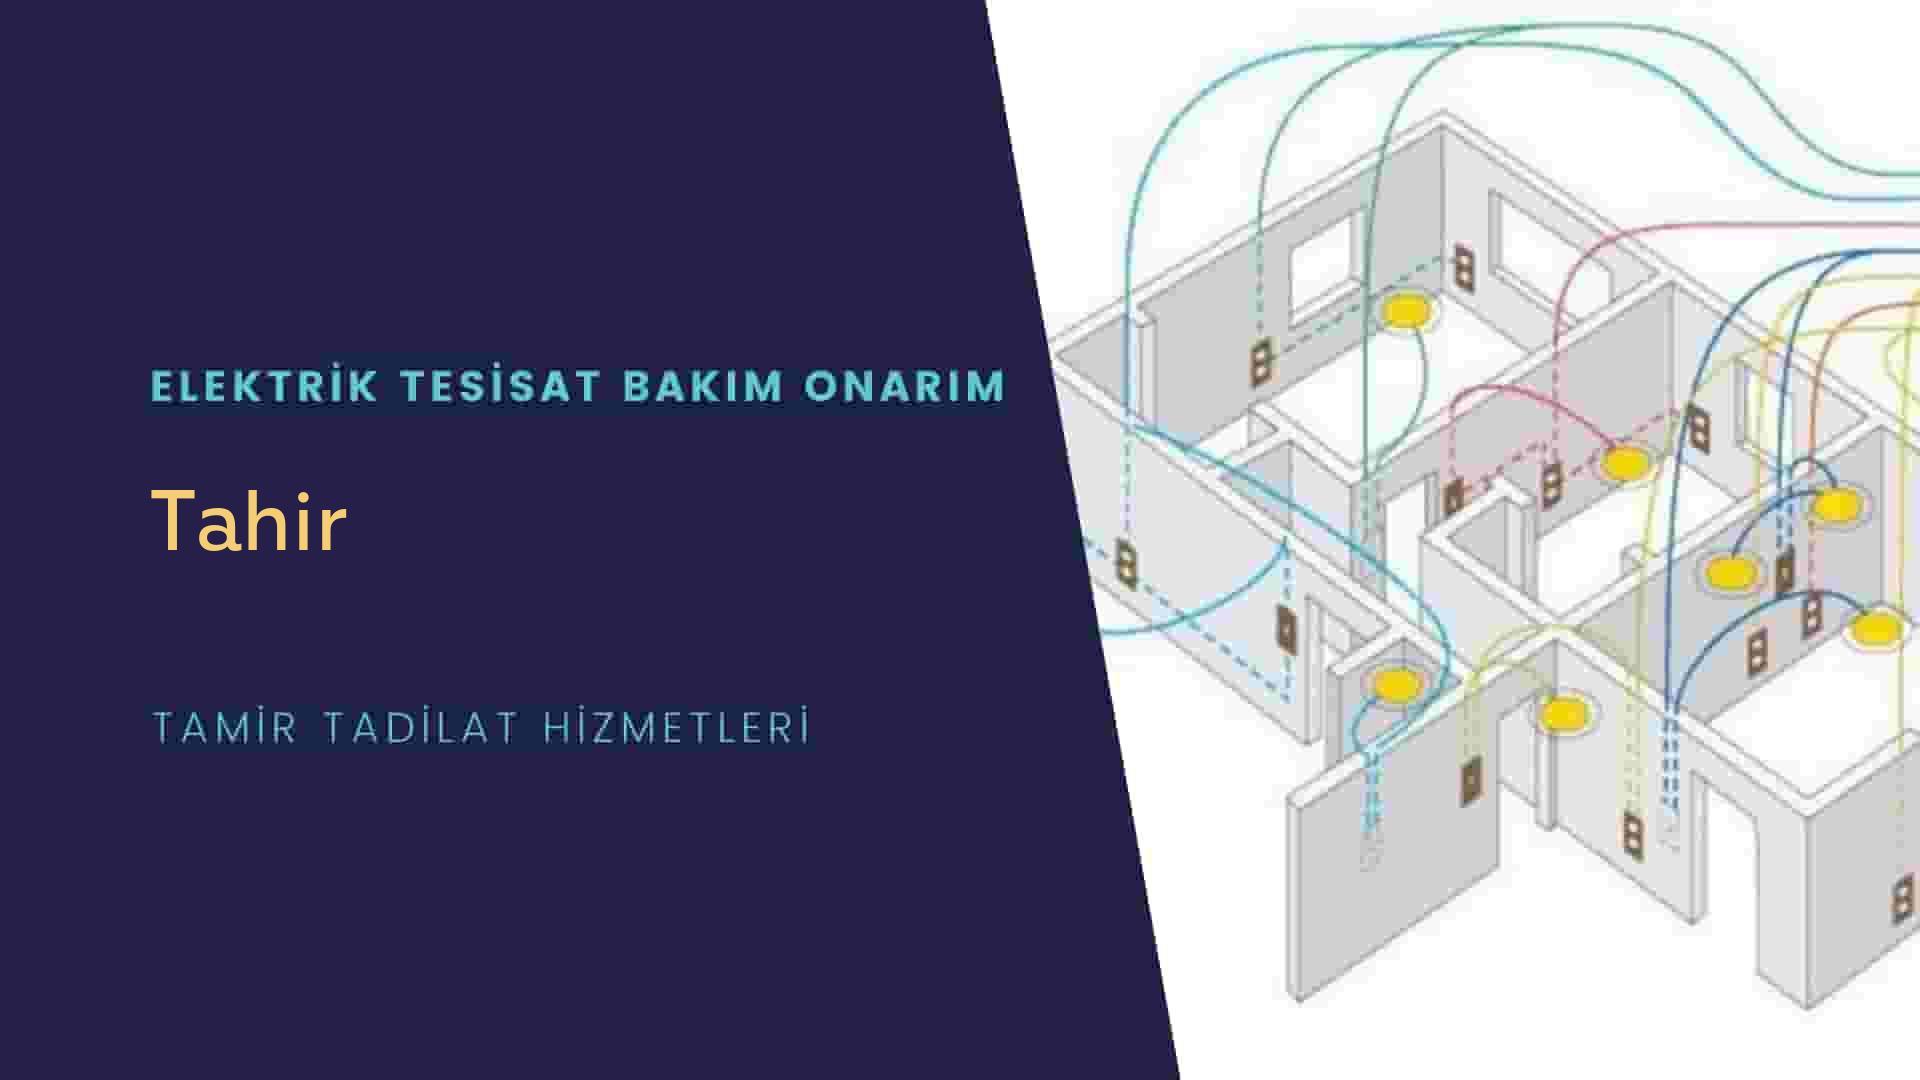 Tahir'de elektrik tesisatıustalarımı arıyorsunuz doğru adrestenizi Tahir elektrik tesisatı ustalarımız 7/24 sizlere hizmet vermekten mutluluk duyar.